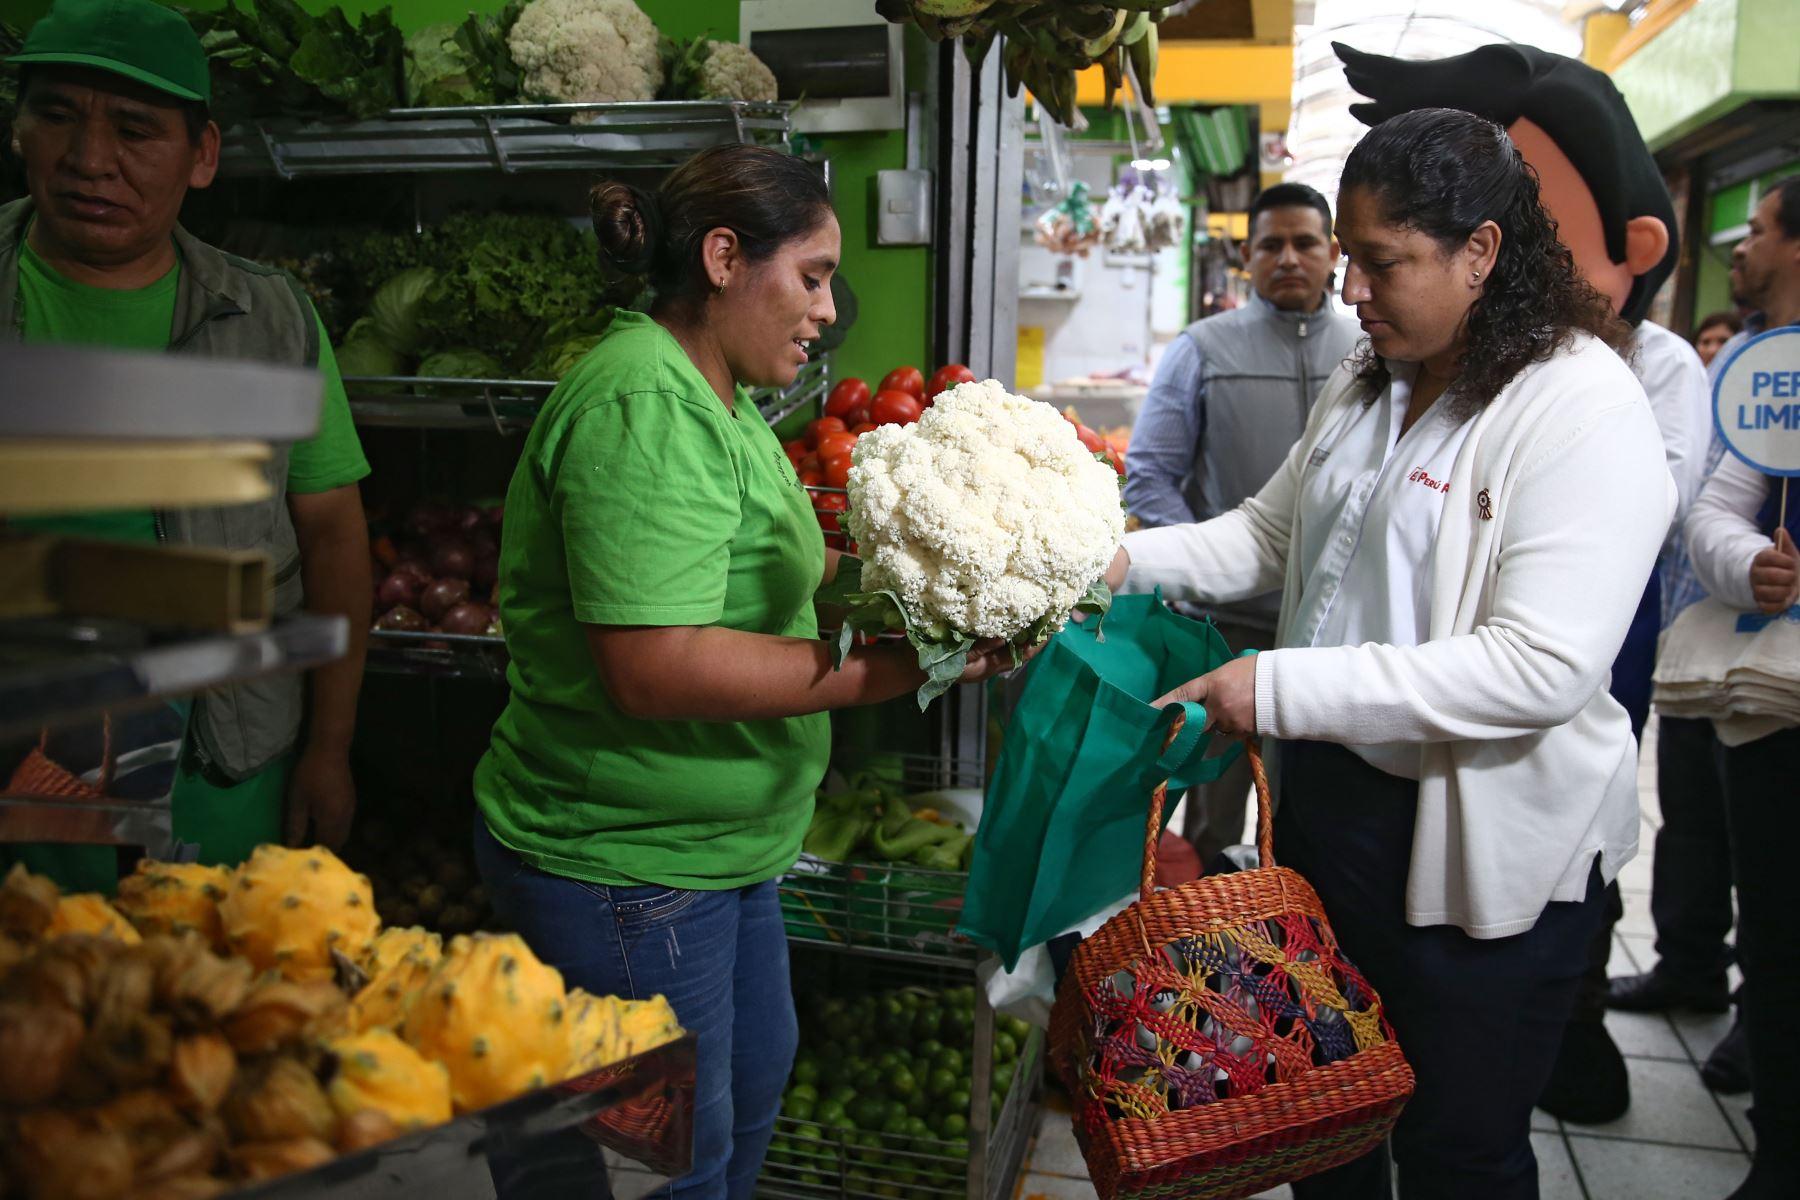 """La ministra del Ambiente, Fabiola Muñoz, recorre el mercado de abastos """"Rospigliosi"""" a fin de enseñar a la ciudadanía cómo realizar compras diarias en el mercado consumiendo responsablemente y buscando no generar más recursos.Foto: ANDINA/Vidal Tarqui"""